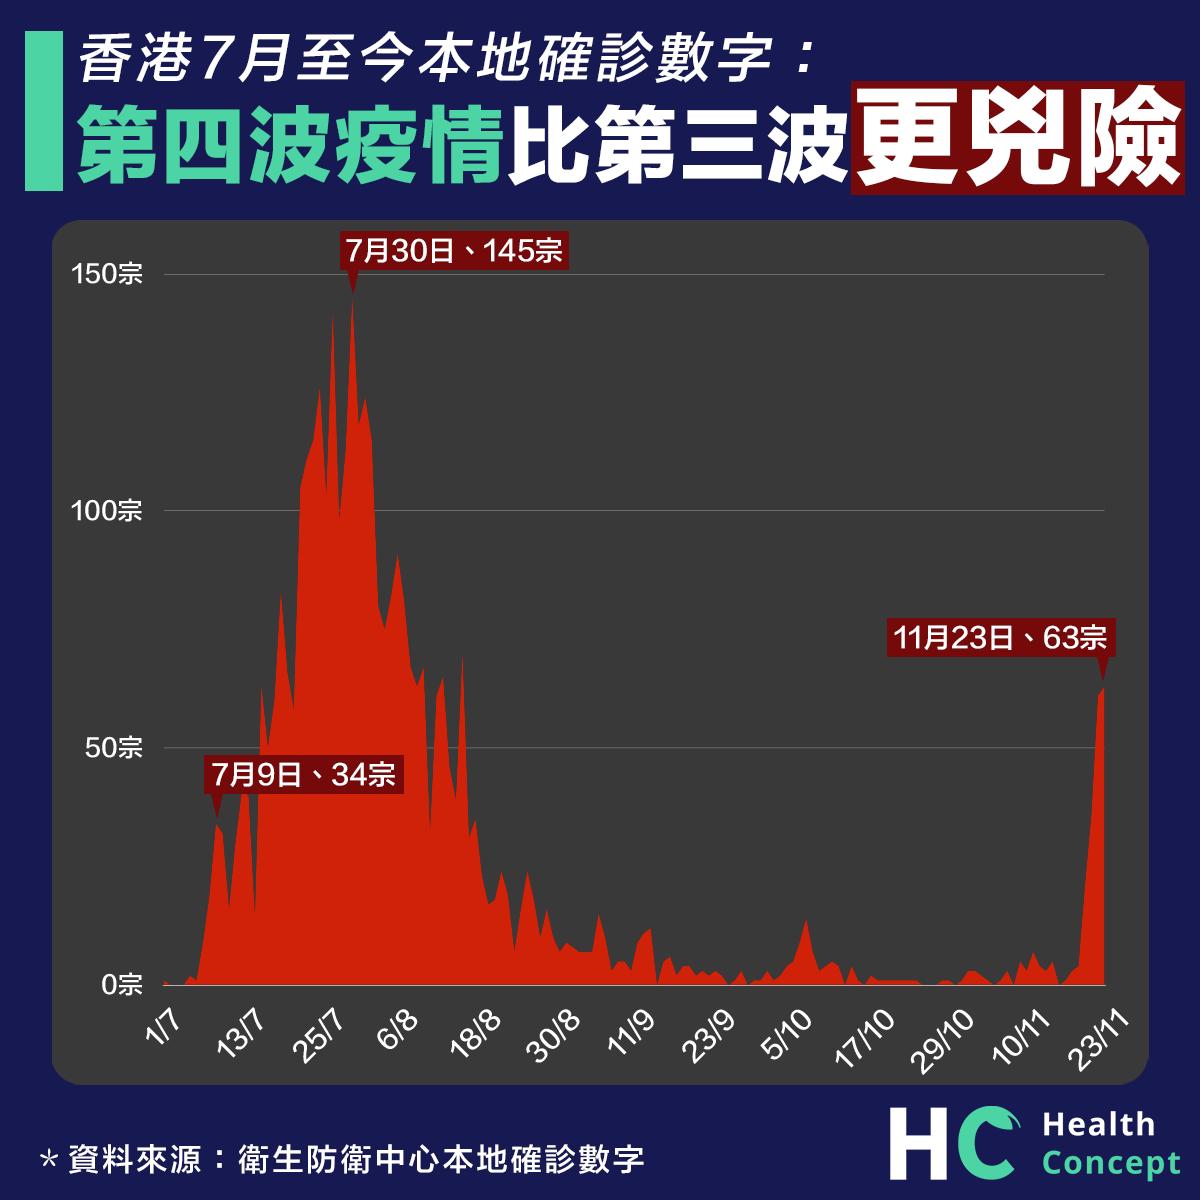 對比本港7月至今本地確診 第四波疫情比第三波更兇險